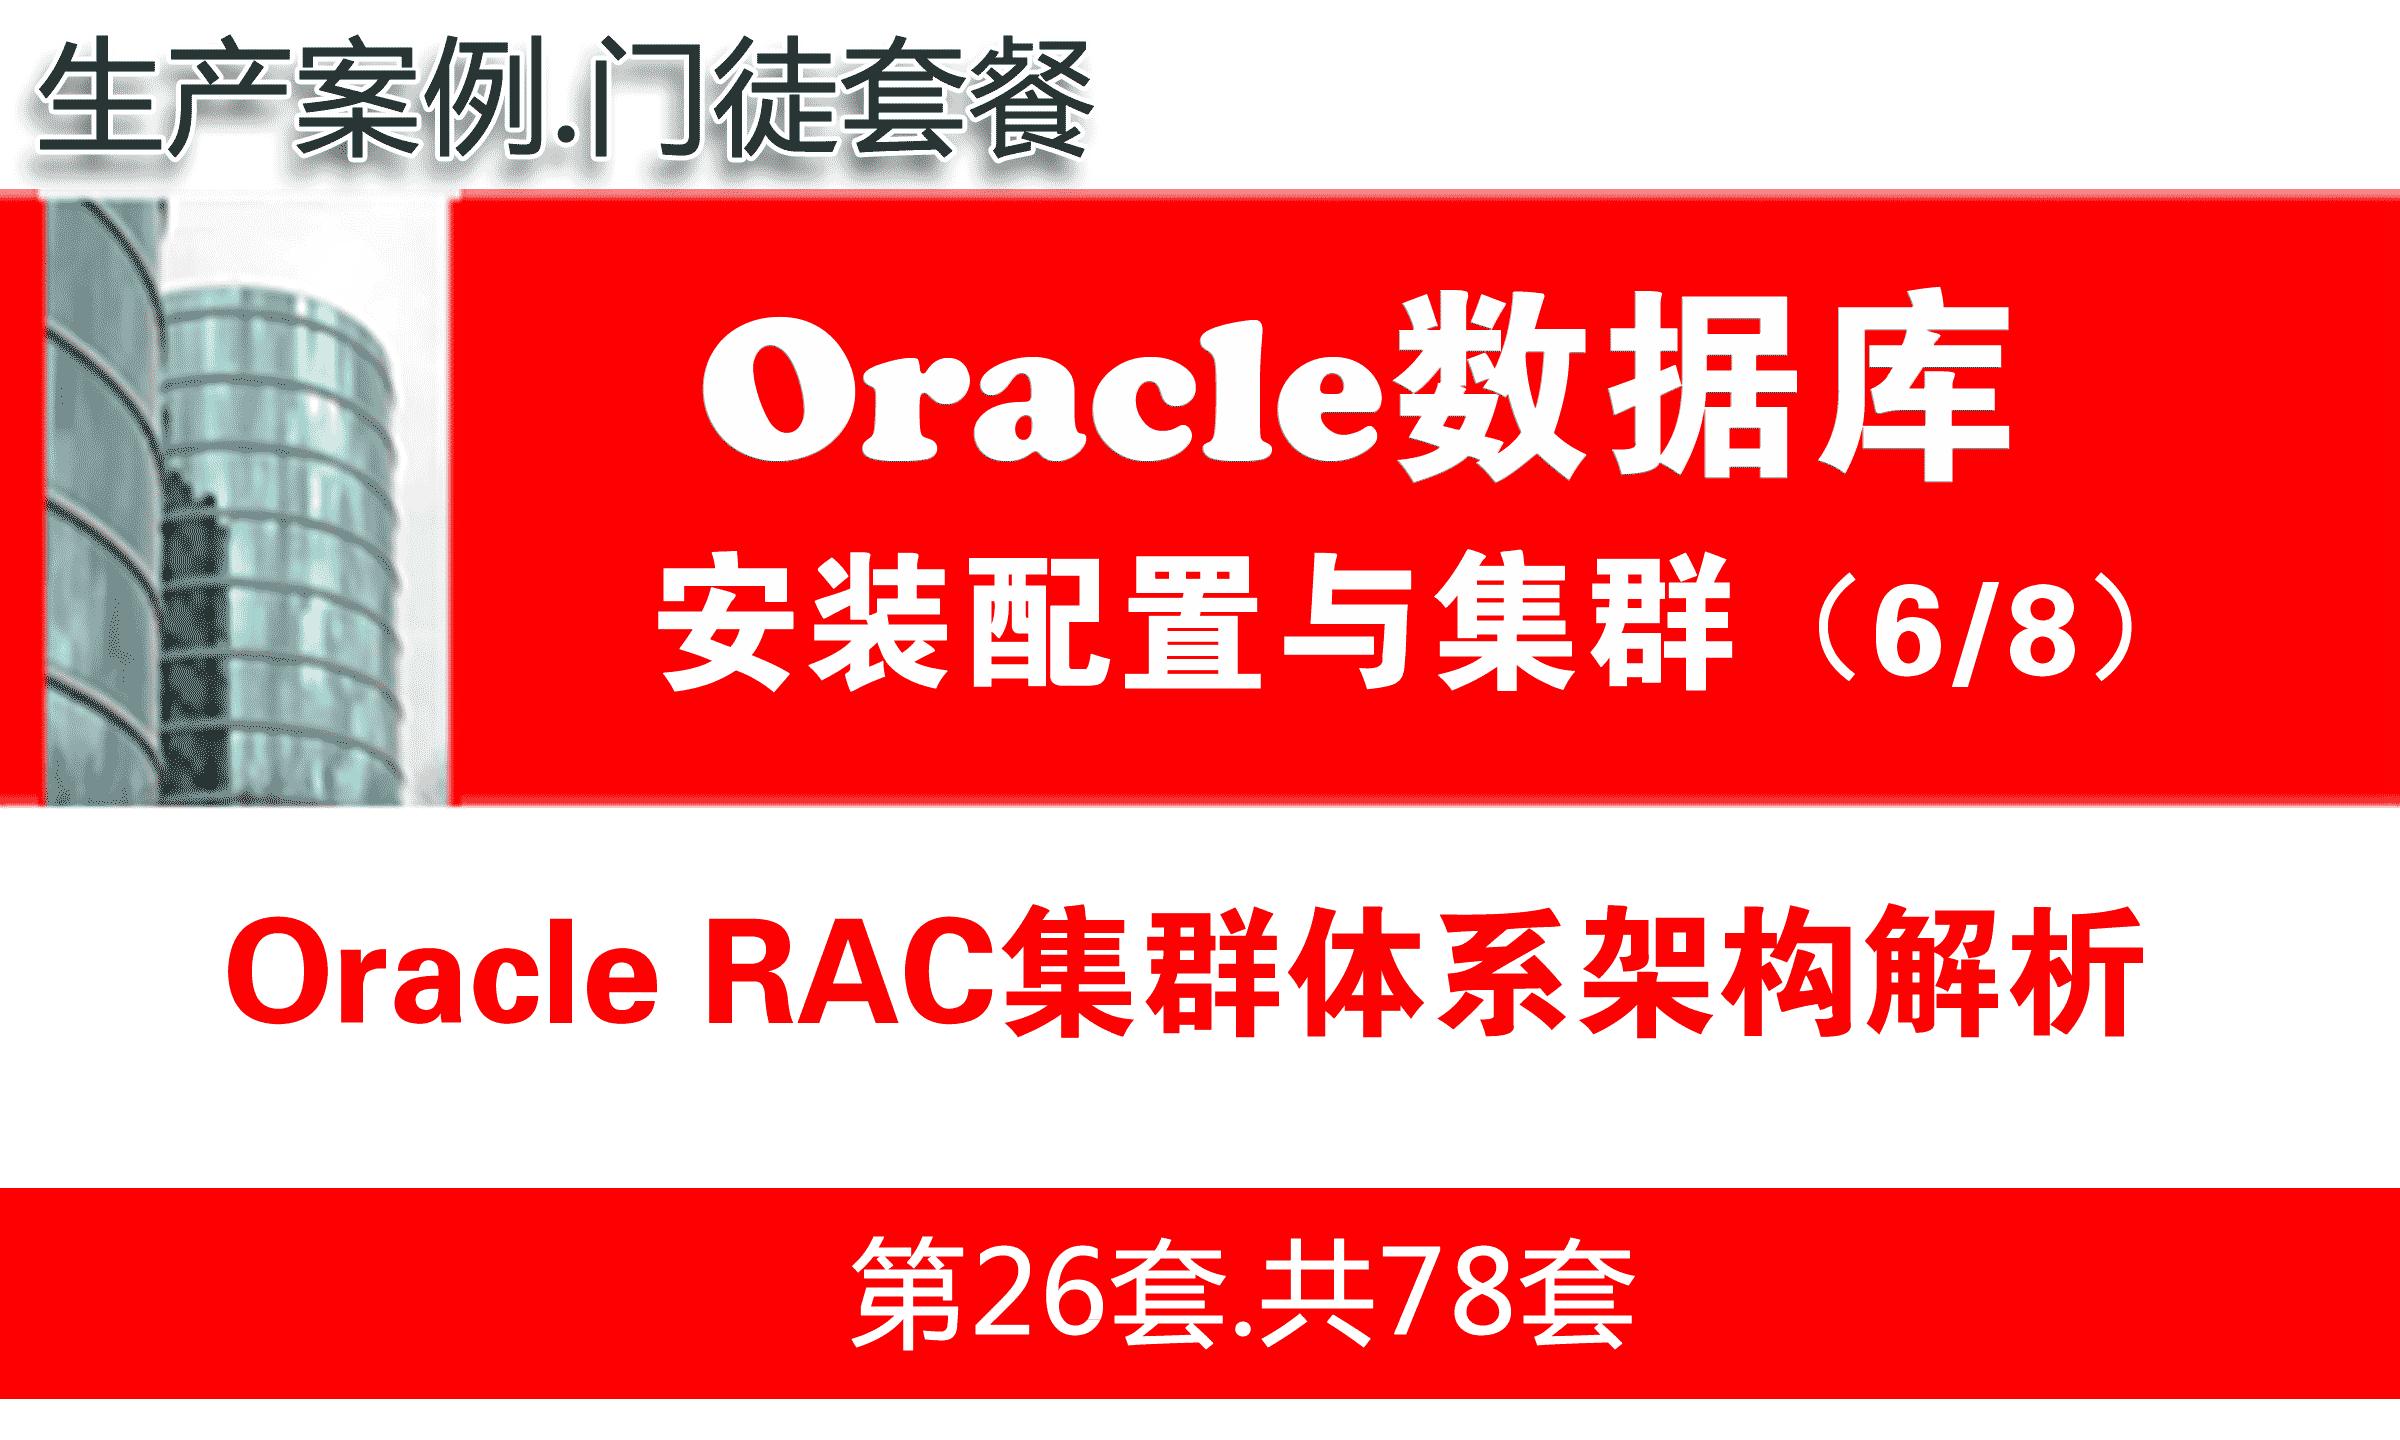 Oracle RAC数据库集群入门培训教程_Oracle RAC体系架构解析_OracleRAC教程